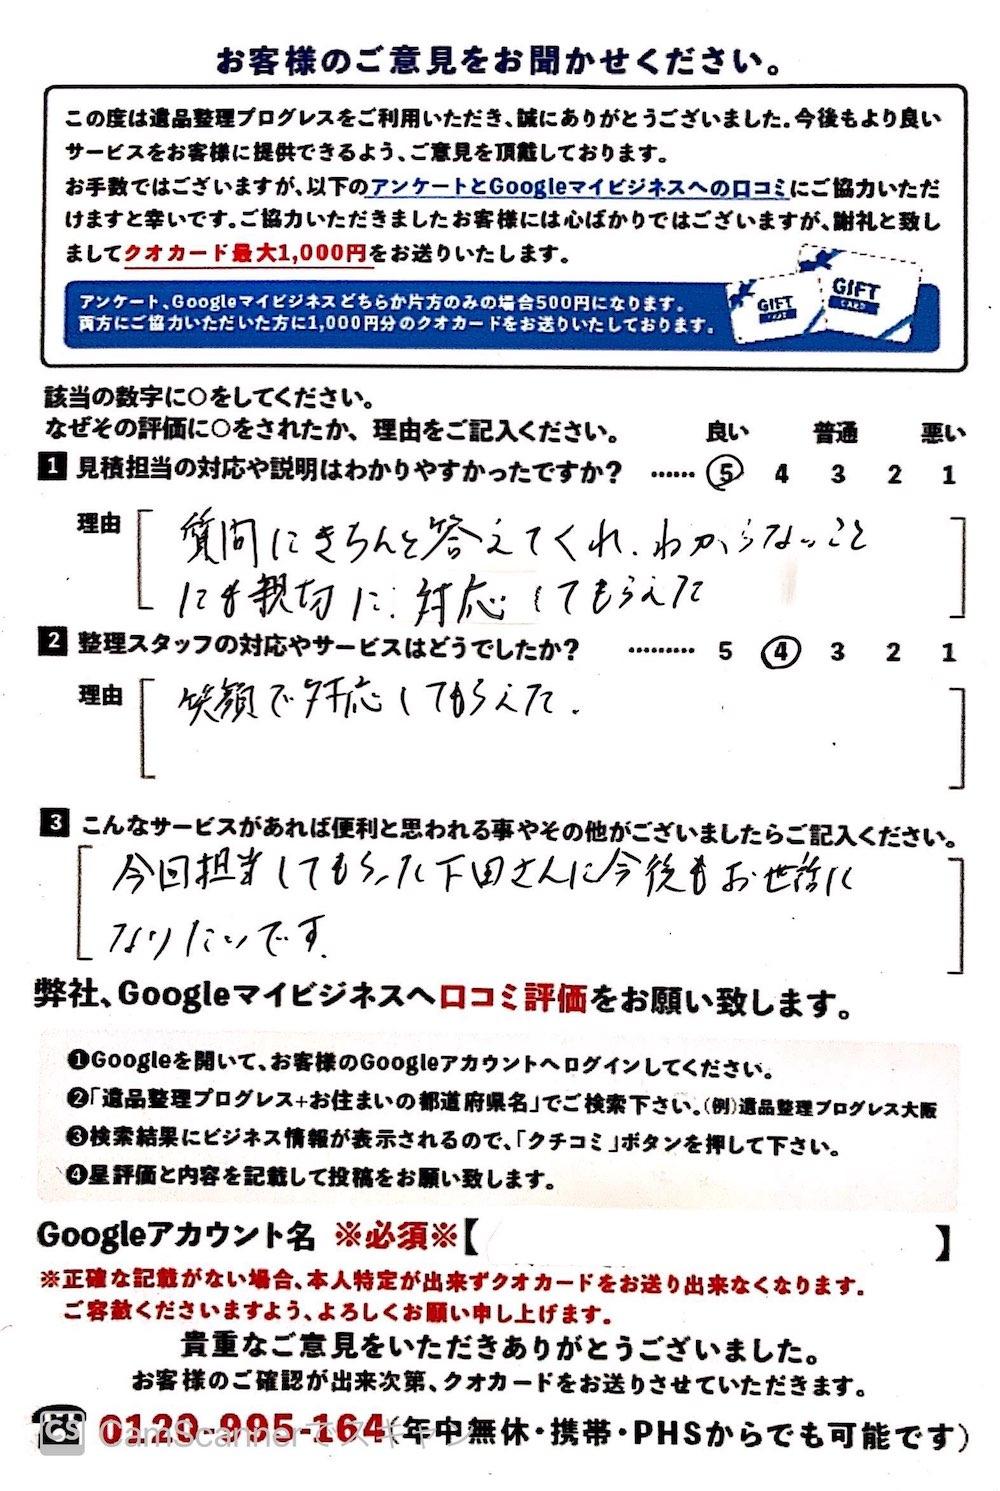 兵庫県神戸市長田区 S・E様のアンケート用紙